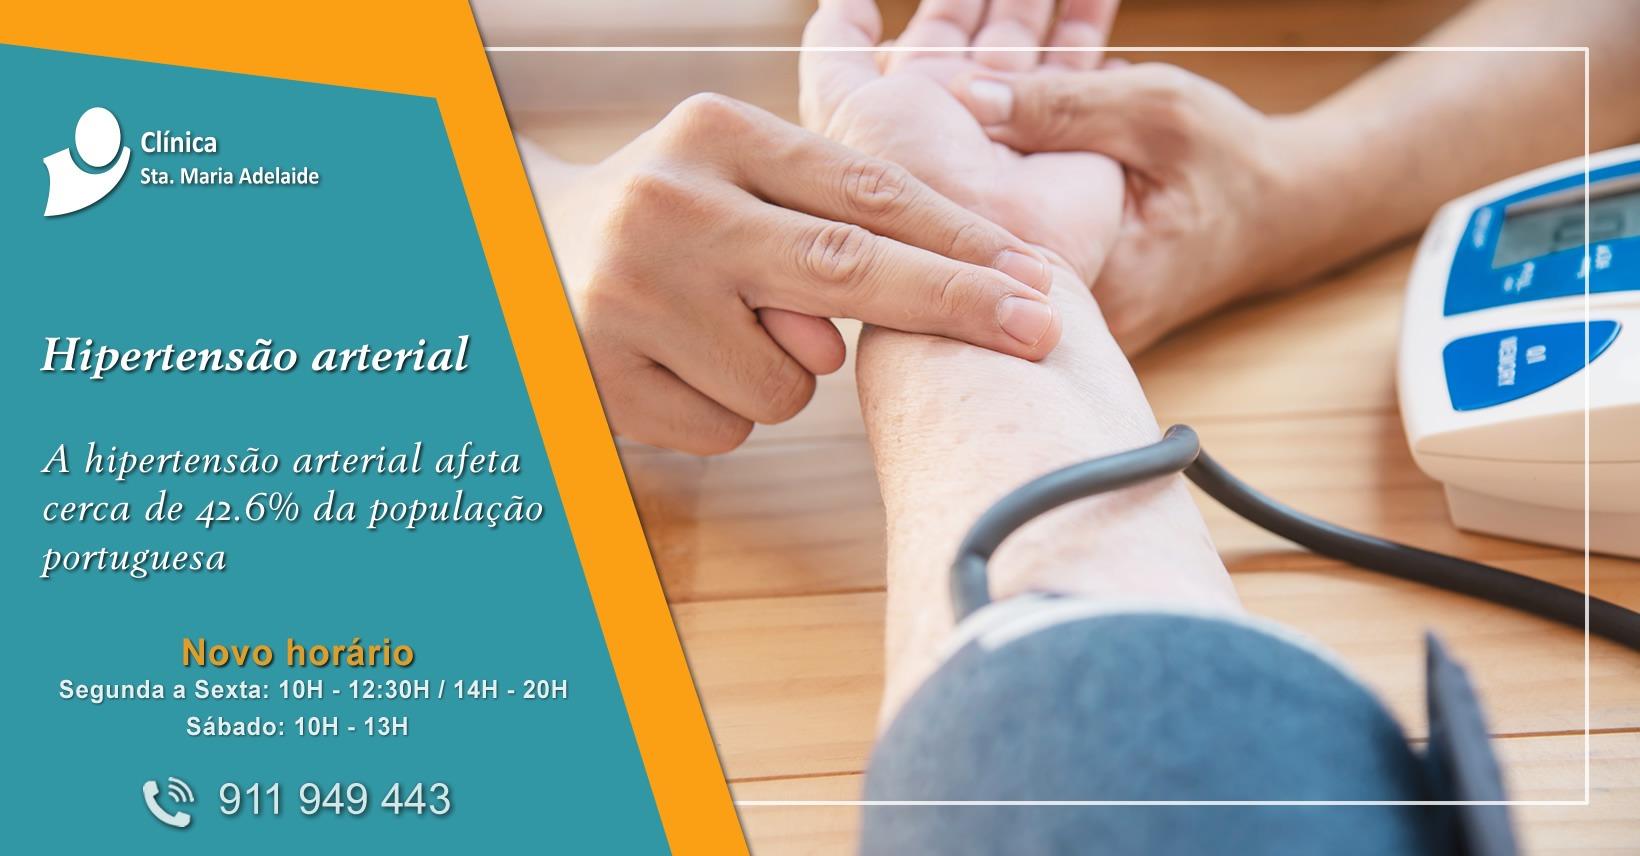 hipertensão arterial tratamento Porto Gaia